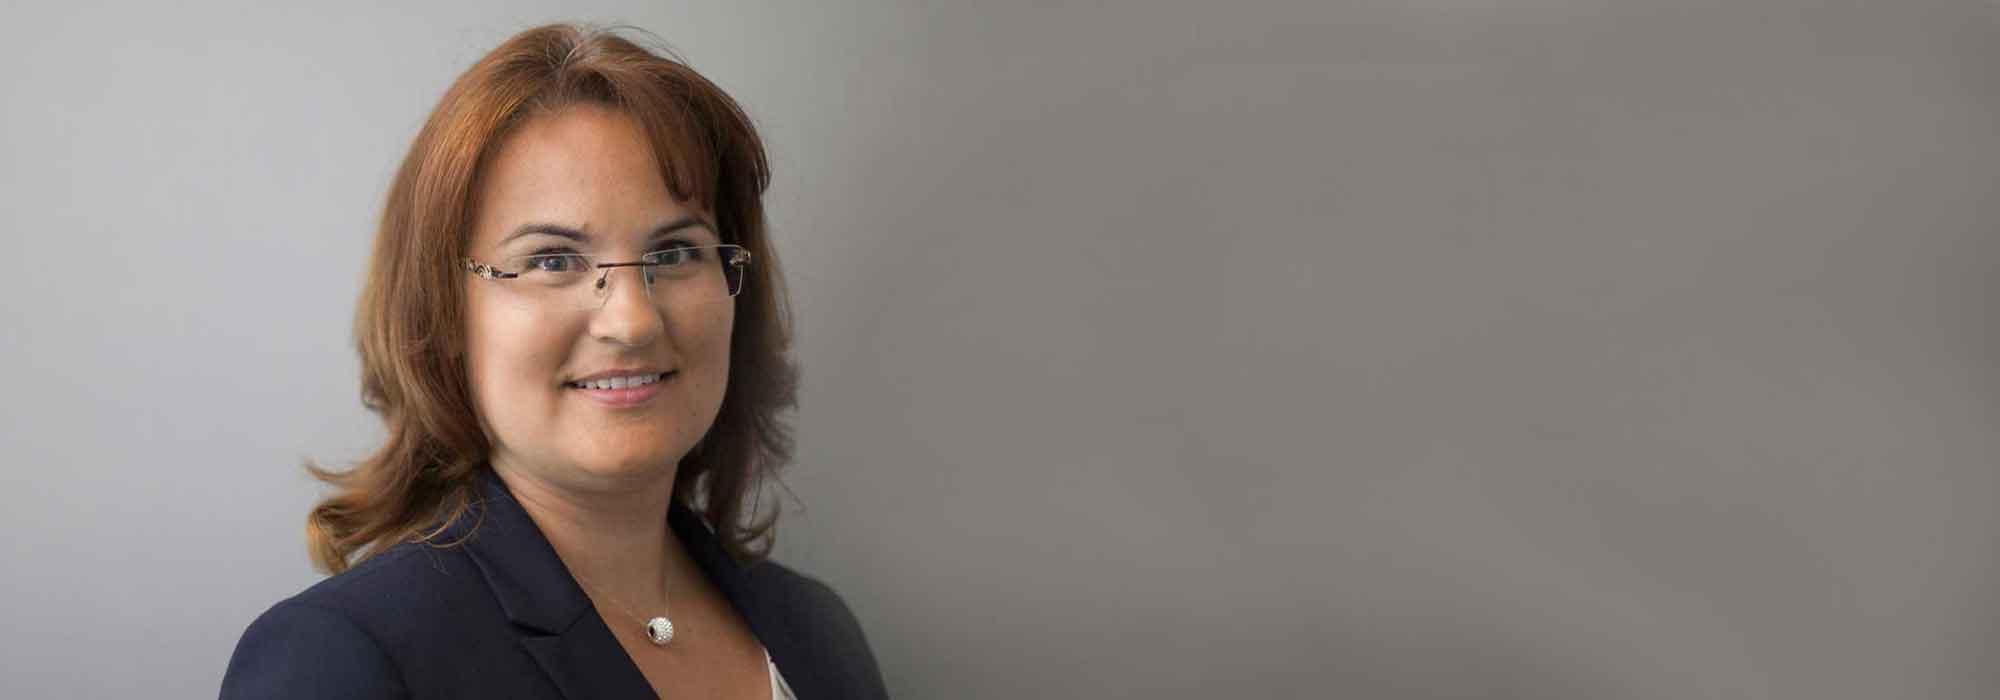 Melanie Mathis, Fachanwältin für Verkehrsrecht, Partnerin